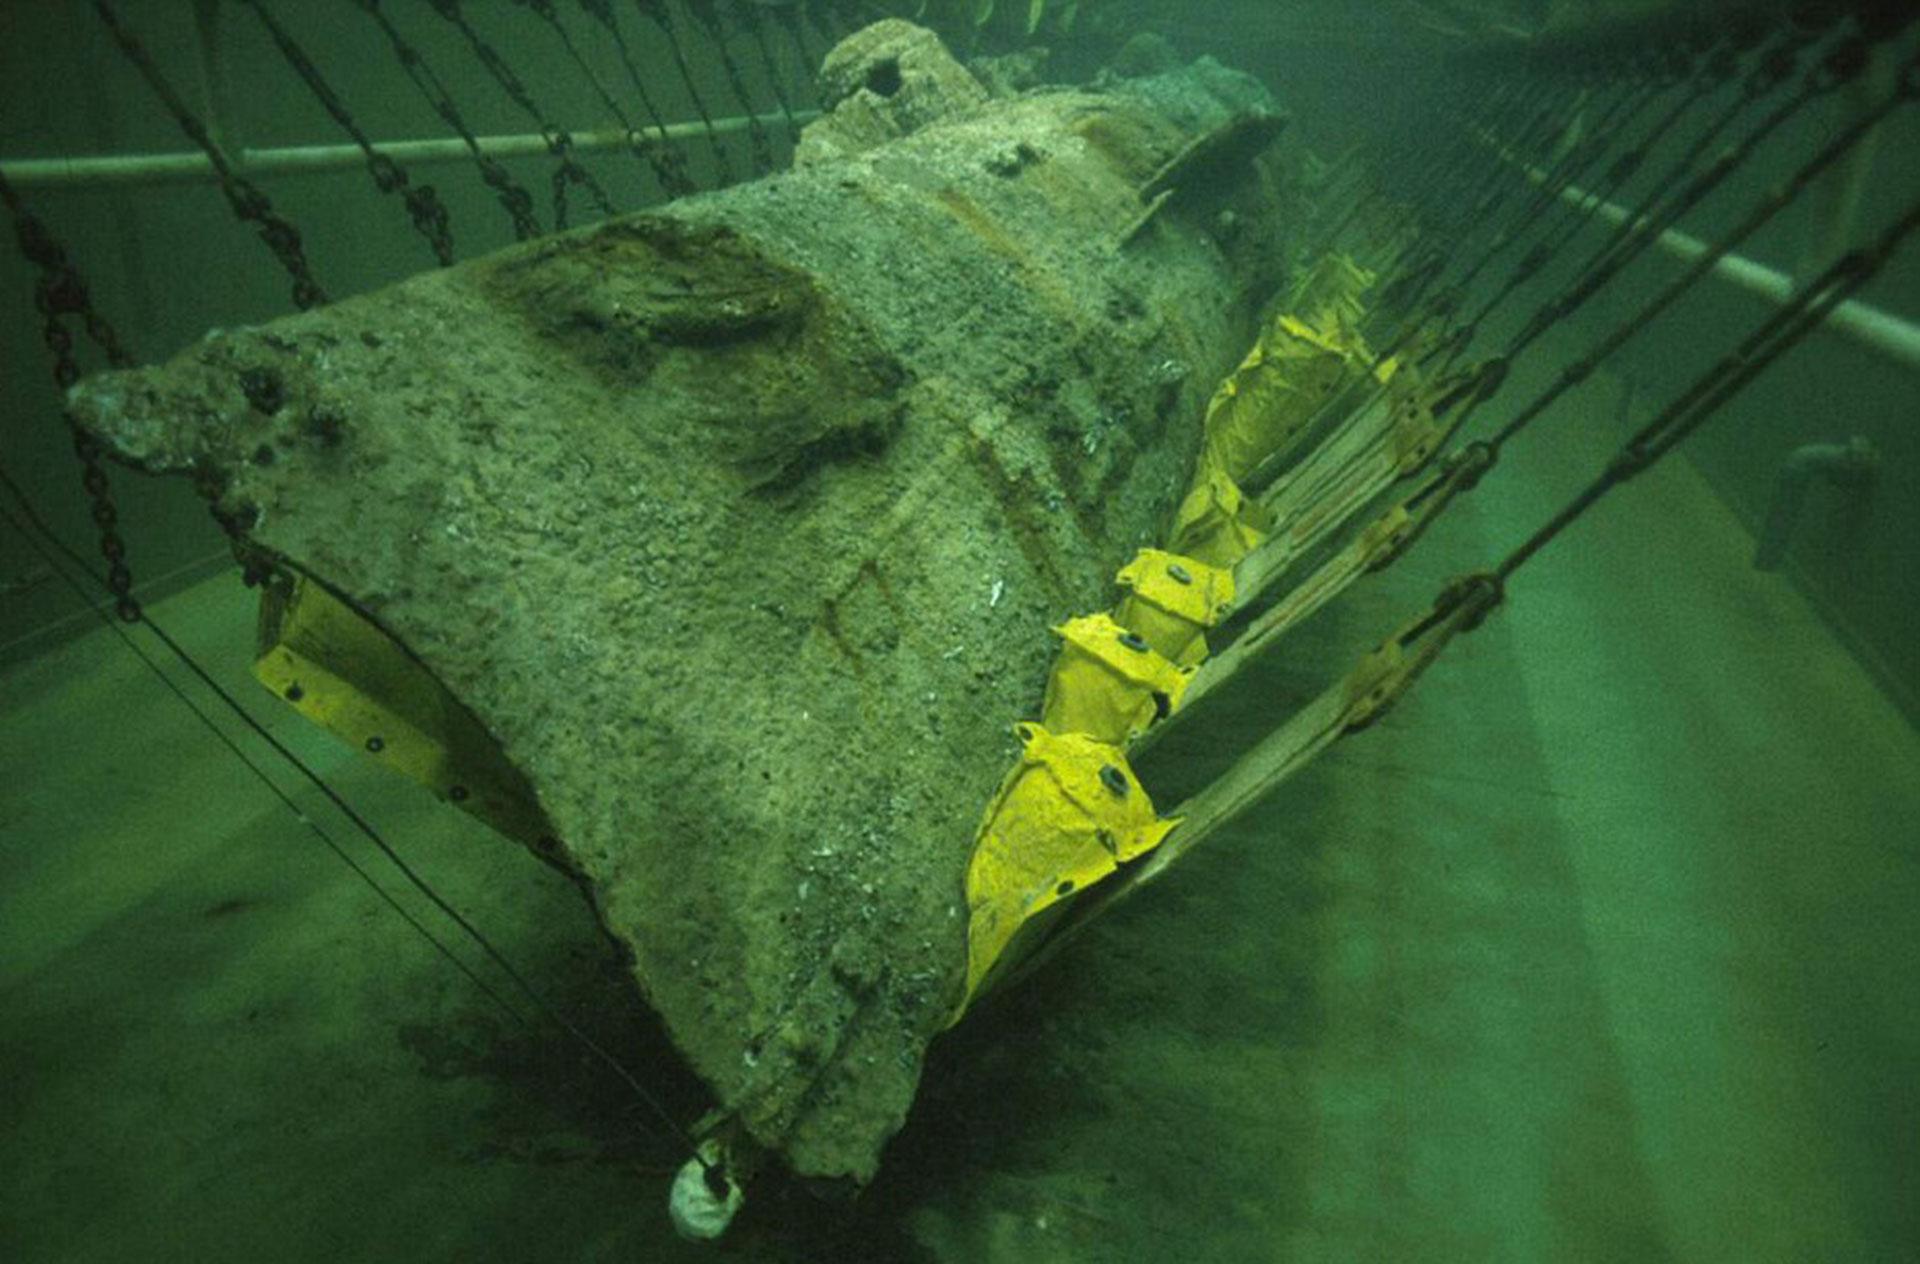 Los trabajos submarinos para rescatar el naufragio del Hunley, 136 años después (Getty)